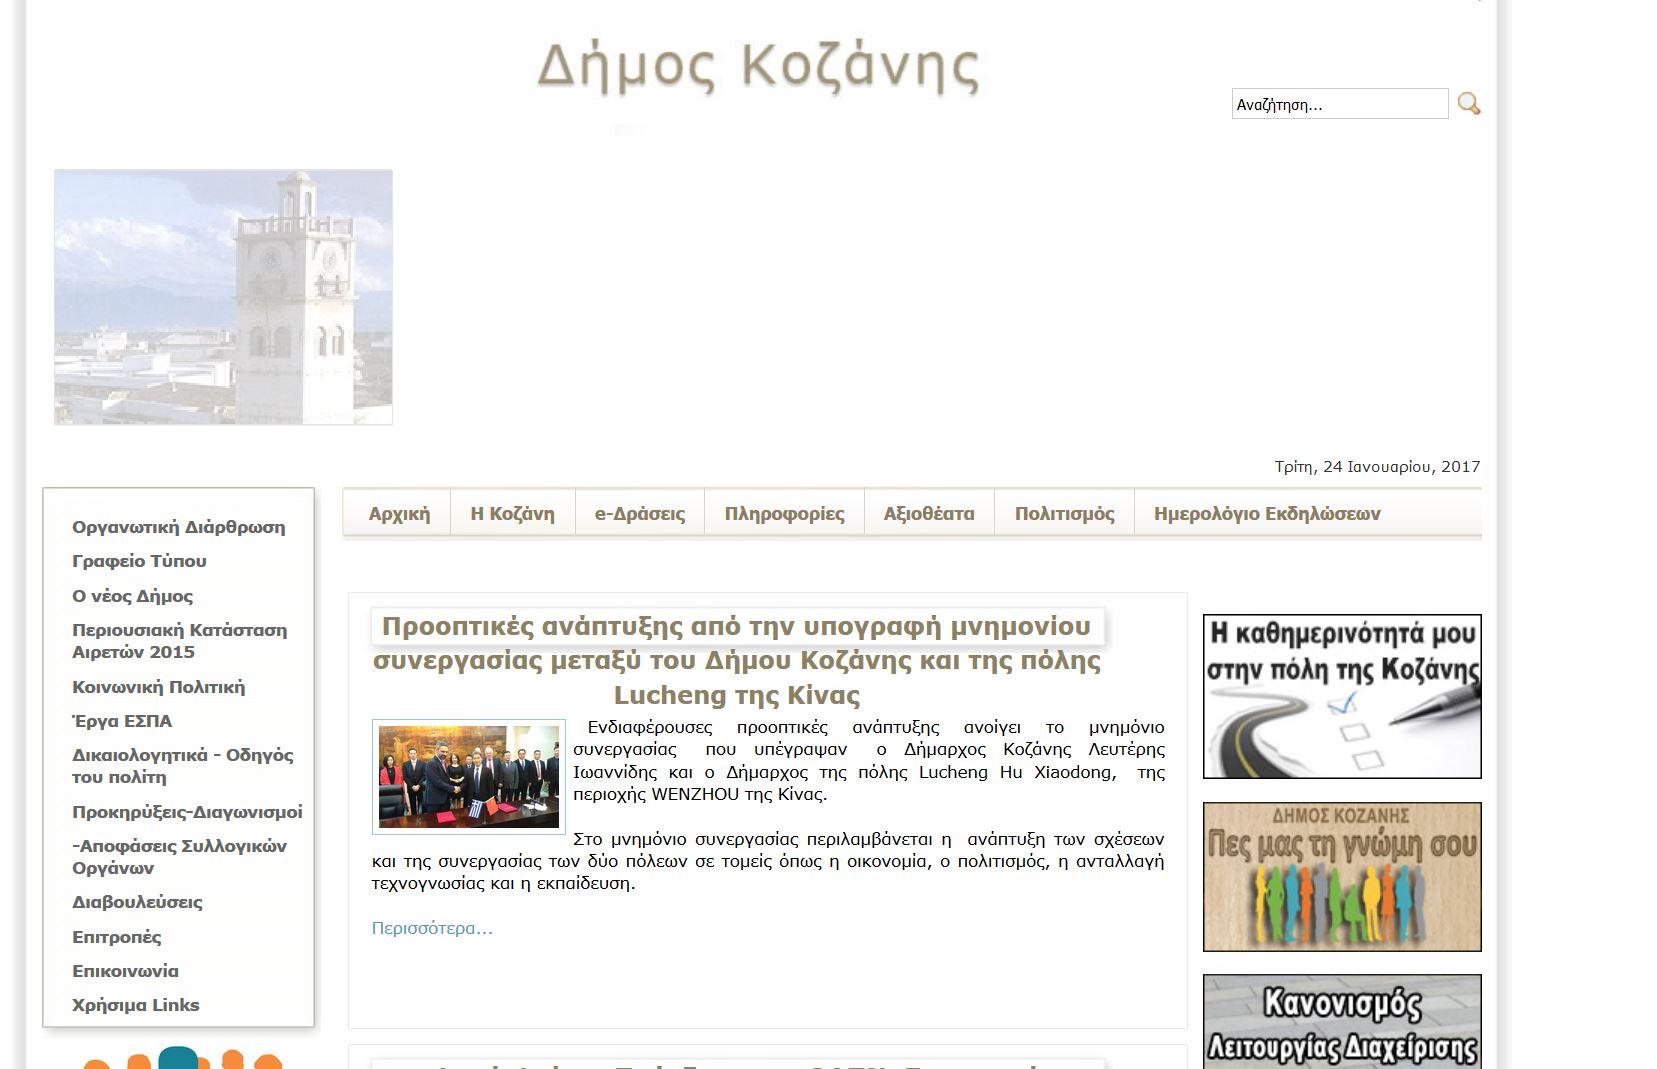 O δήμος Κοζάνης, απαντά στο θέμα που ανέδειξε το kozan.gr, σχετικά με τη μη ανακατεύθυνση του παλαιού επίσημου site www.kozanh.gr στο νέο www.cityofkozani.gr